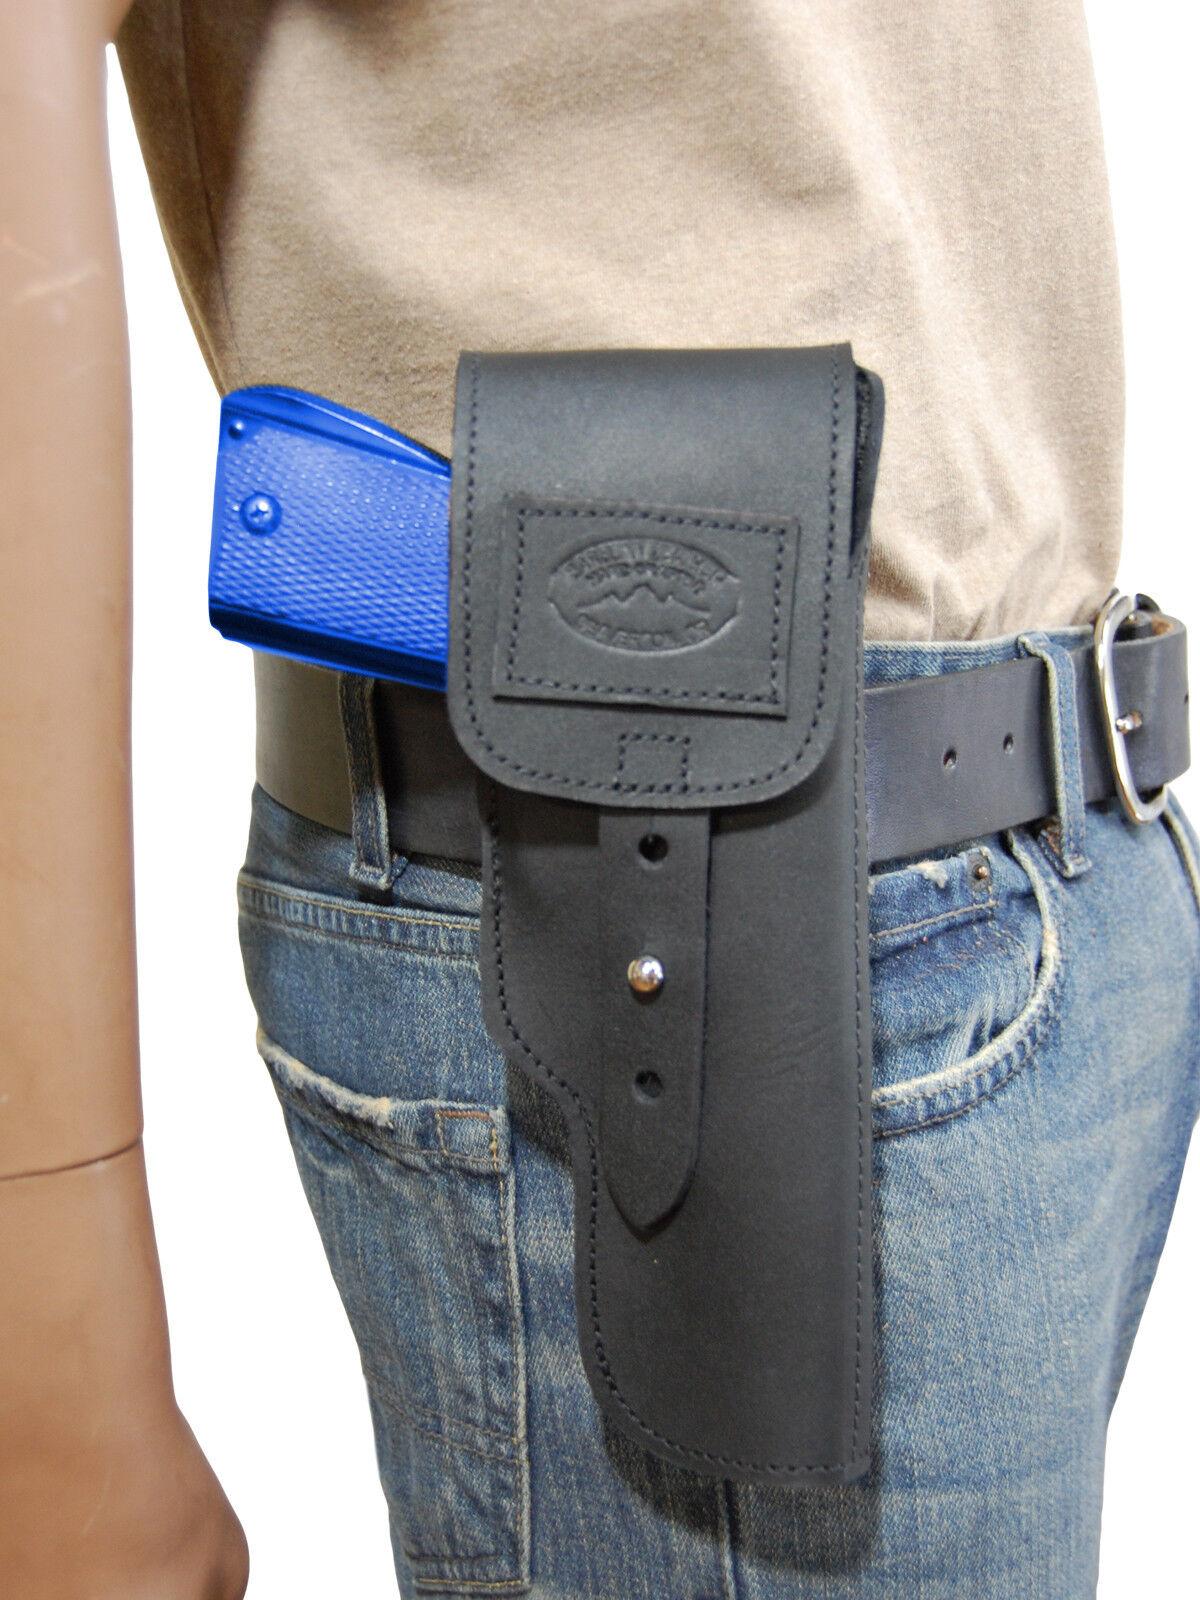 Nuevo barsony Negro Solapa De Cuero Funda Pistola Para sig-sauer de tamaño completo de 9 mm 40 45